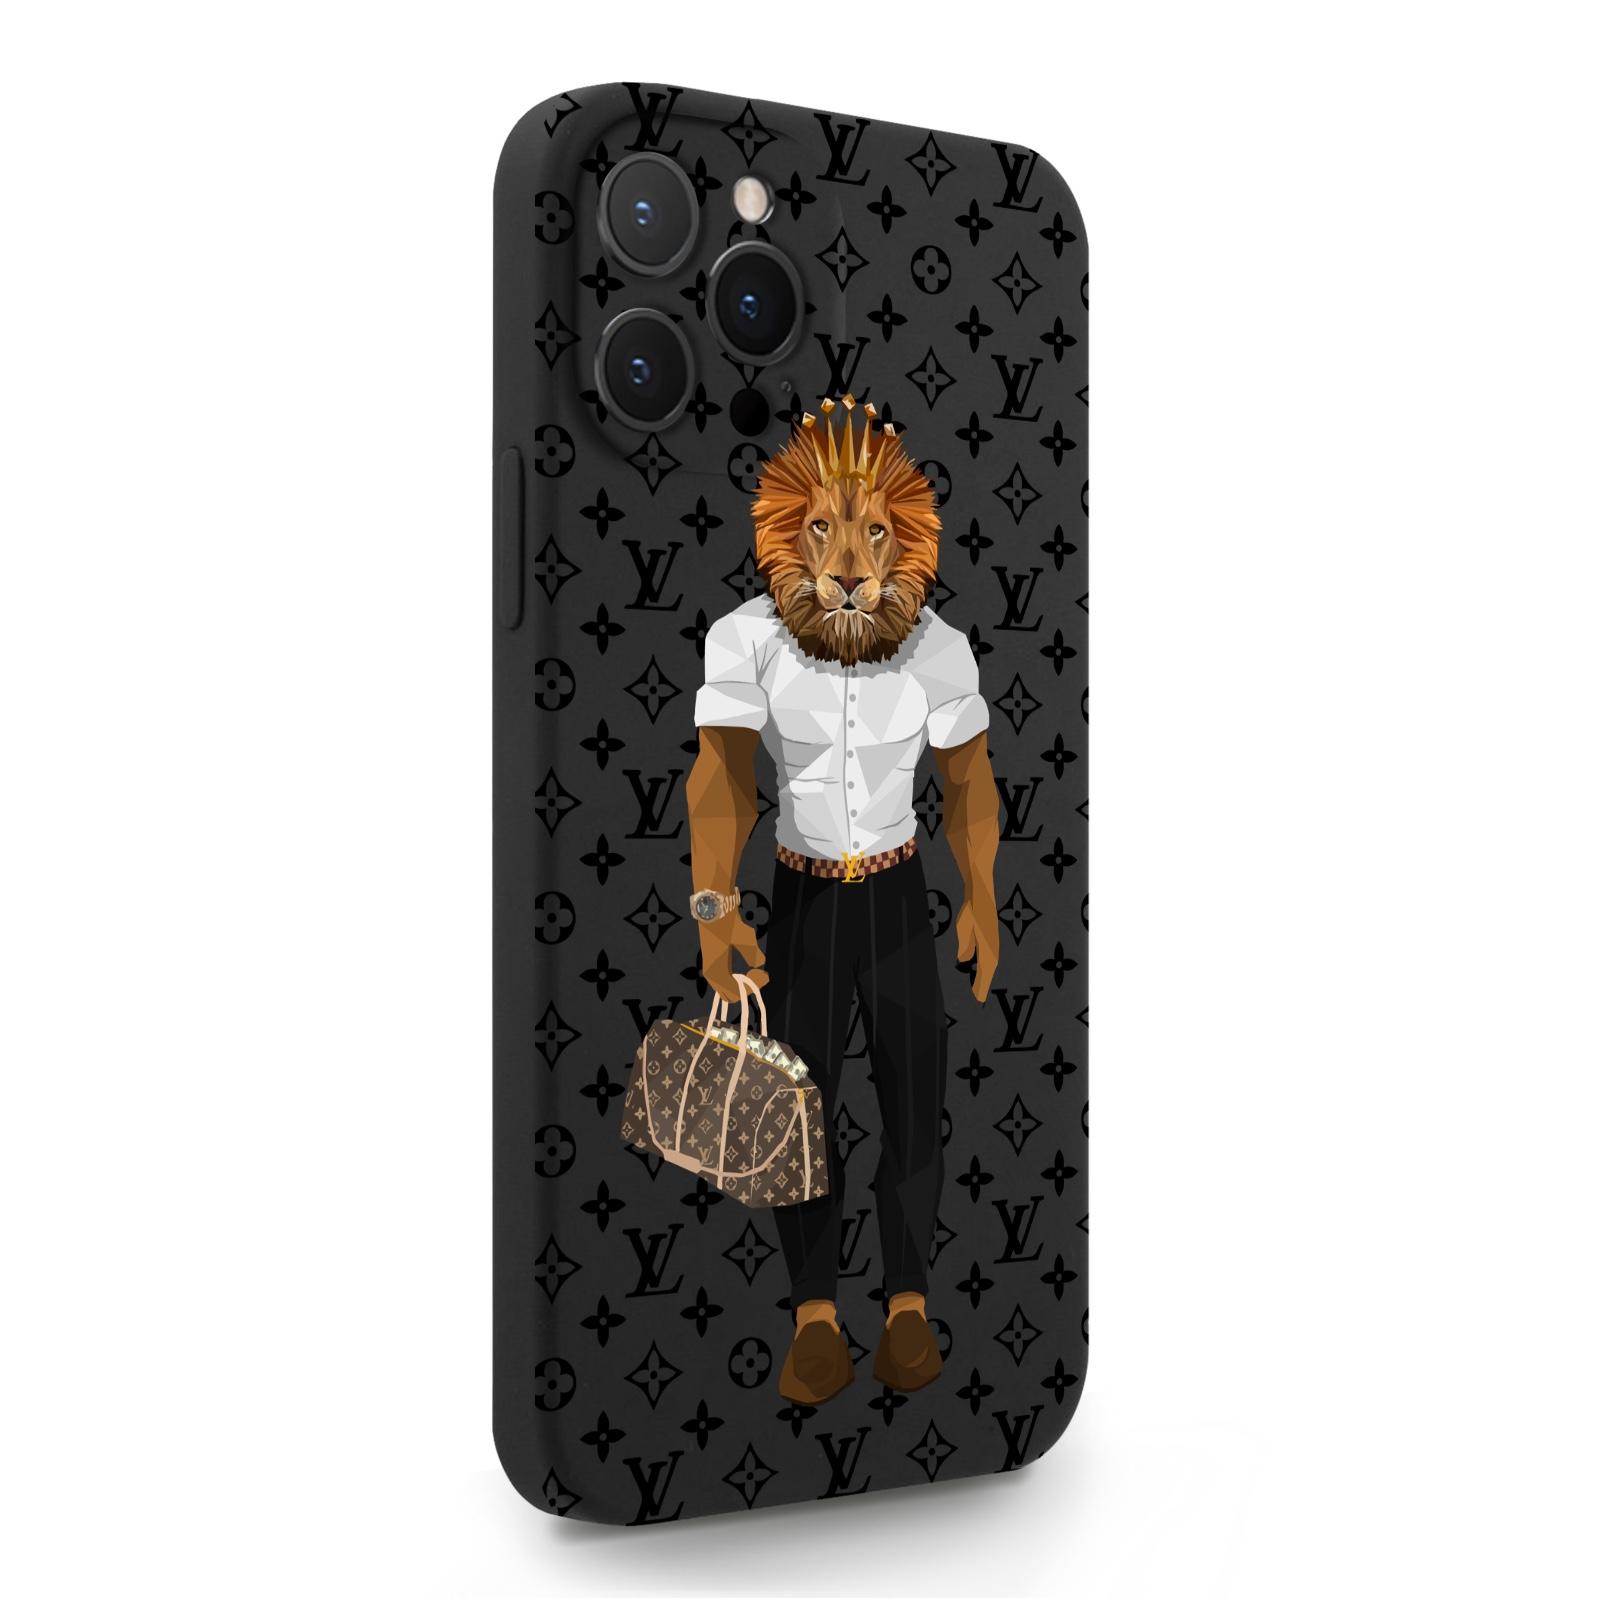 Черный силиконовый чехол для iPhone 12 Pro Max LV Lion для Айфон 12 Про Макс